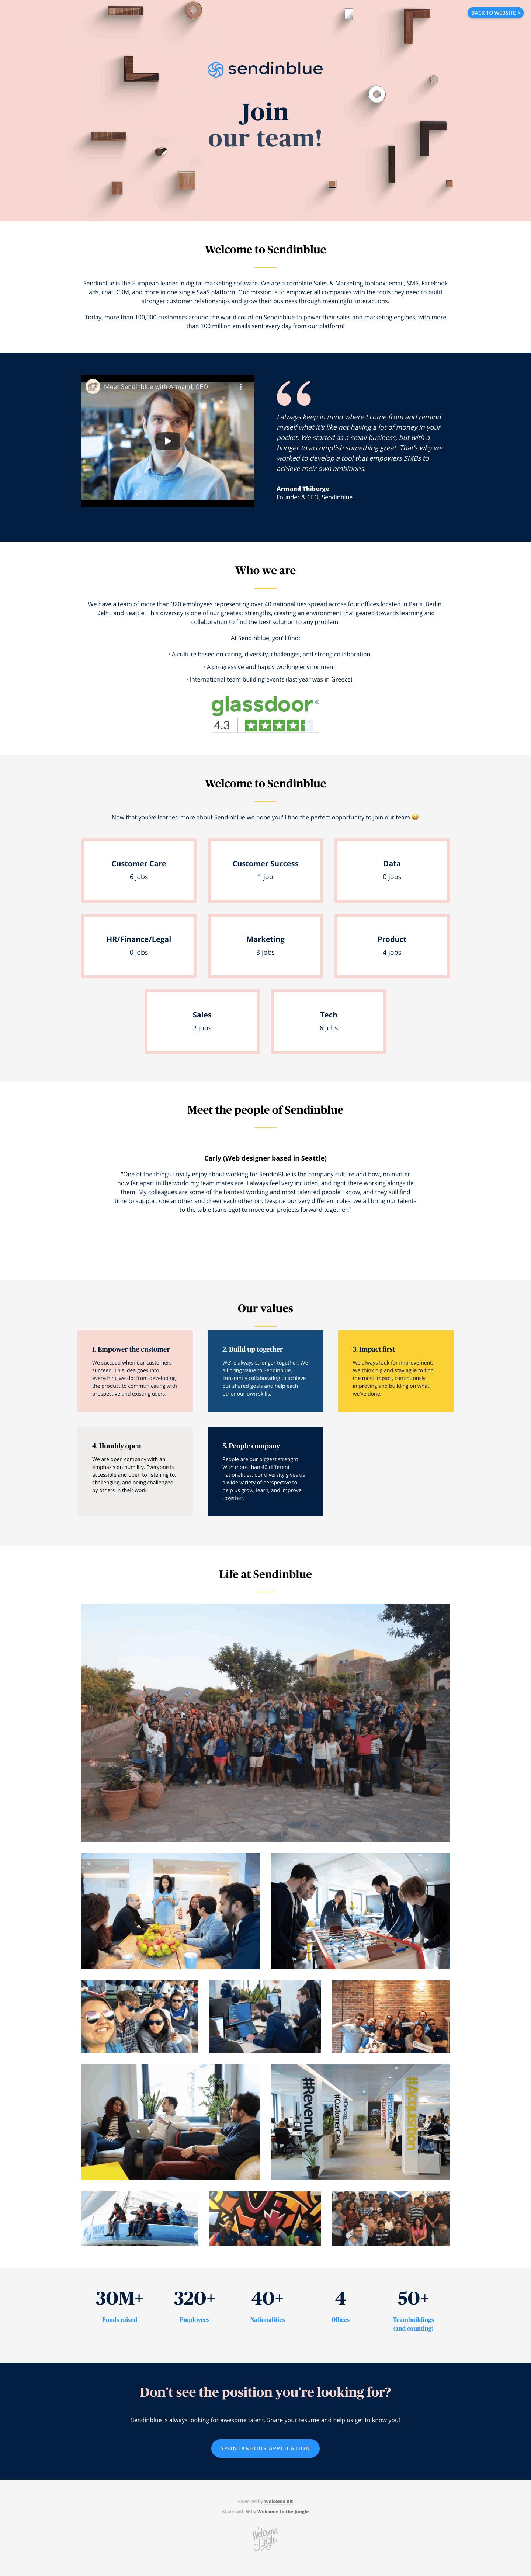 Sendinblue Careers Page